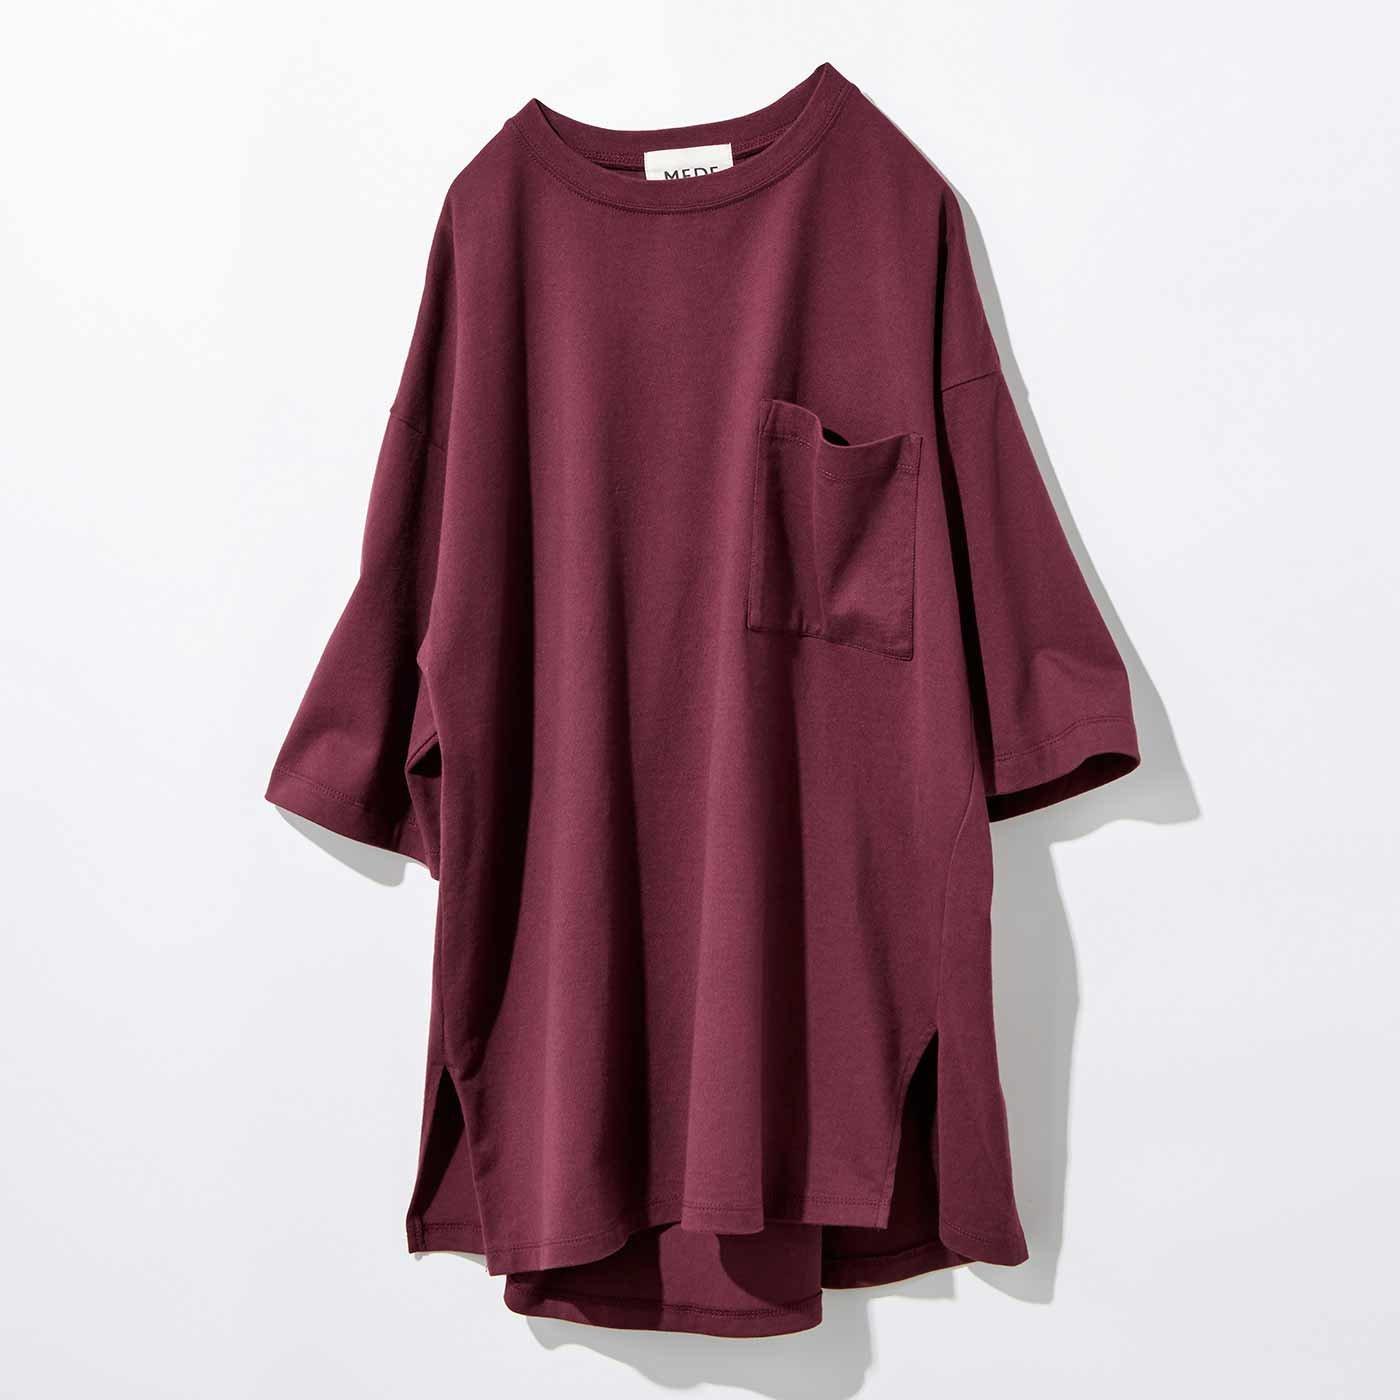 MEDE19F リメイク風デザインのビッグTシャツ〈ボルドーブラウン〉